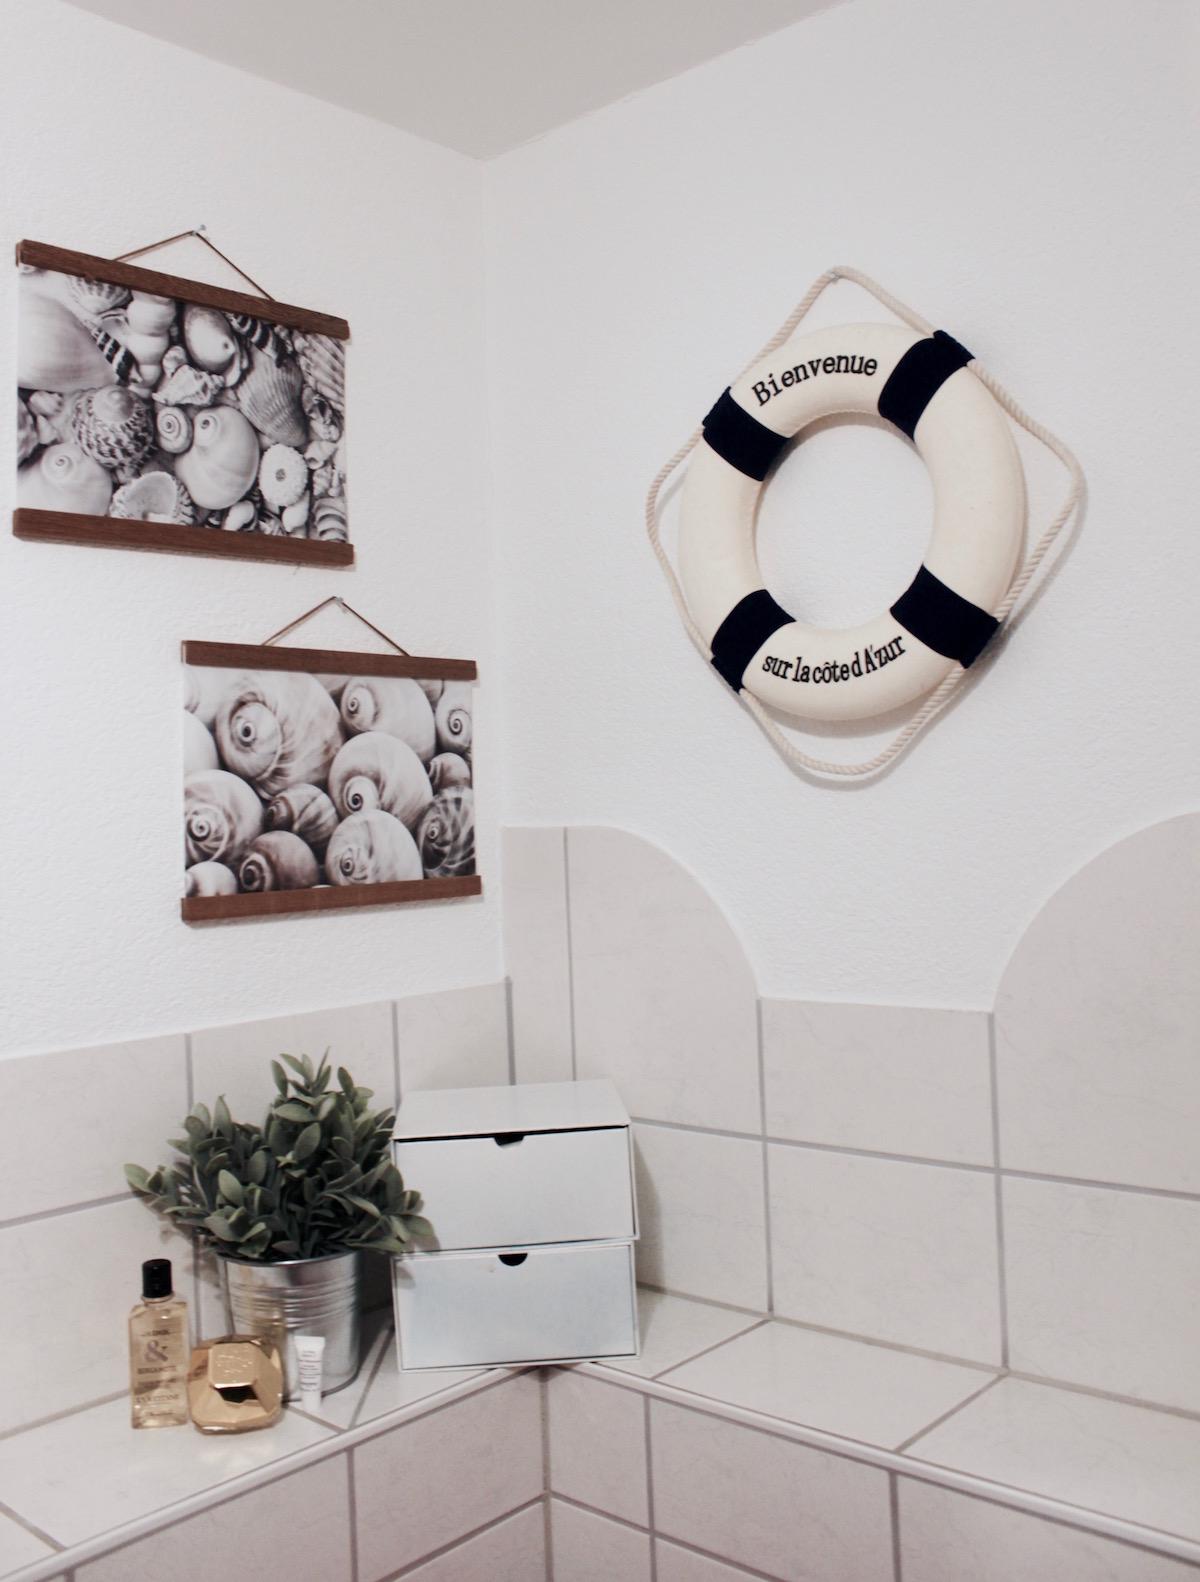 Kleines Bad Einrichtungstipps Roomtour Bathroom Posterlounge Westwing